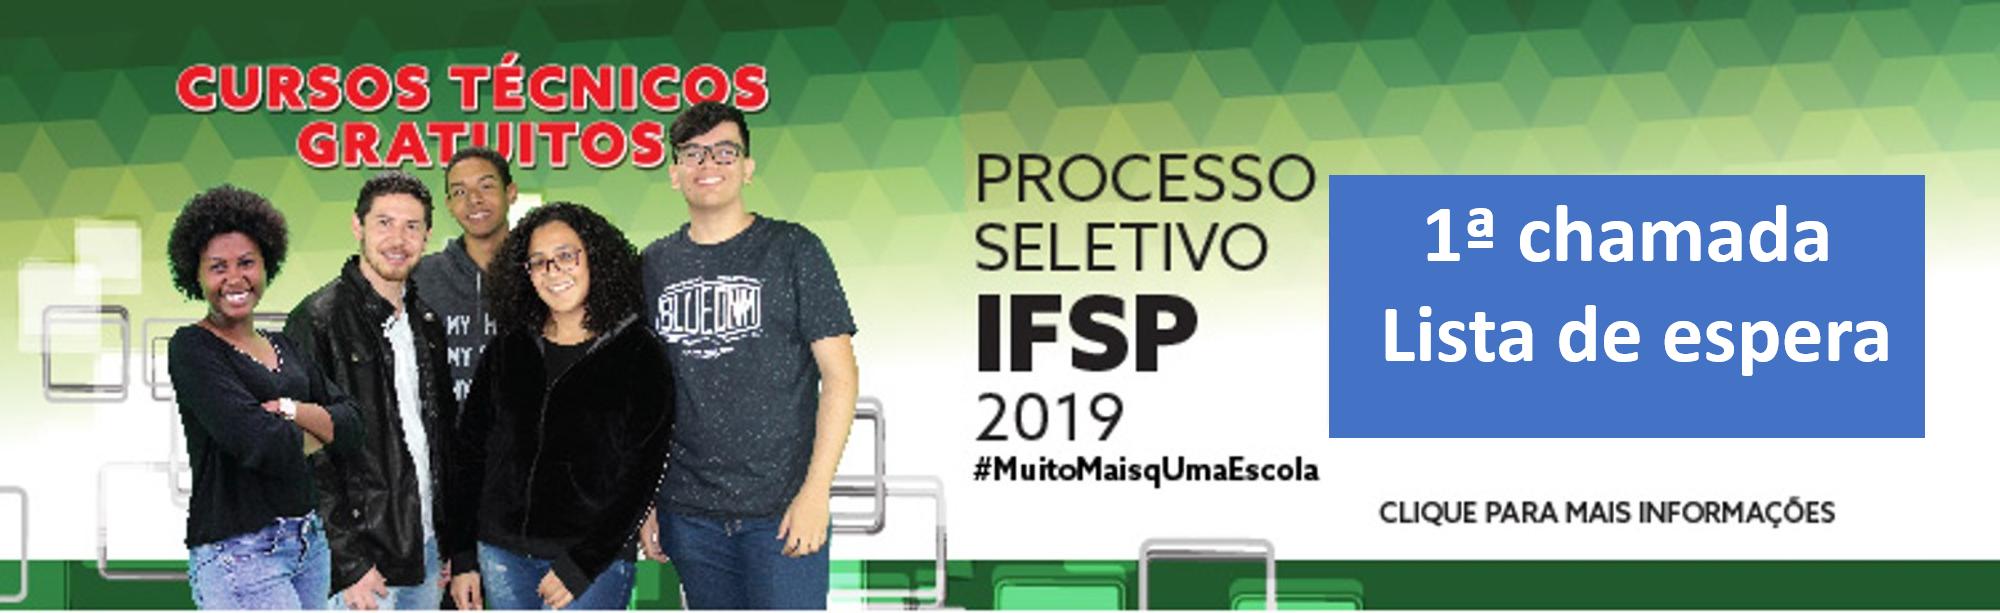 Processo seletivo para cursos técnicos 1º semestre 2019: convocação para matrícula.